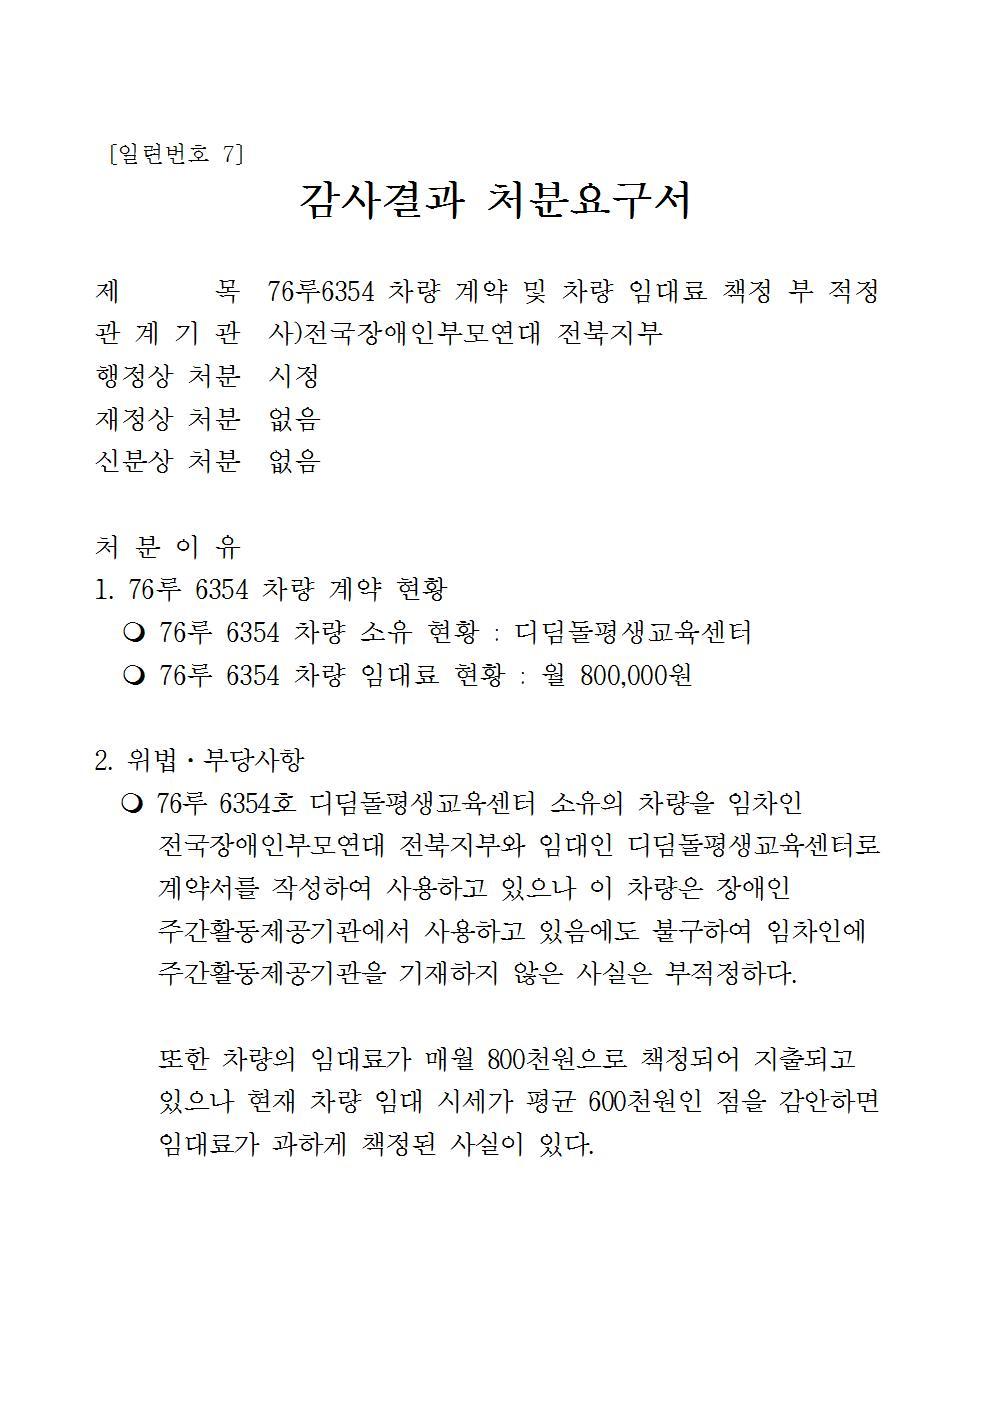 붙임) 처분요구서_전주시 생활복지과-37898(2017.9.1)호(공개용)013.jpg